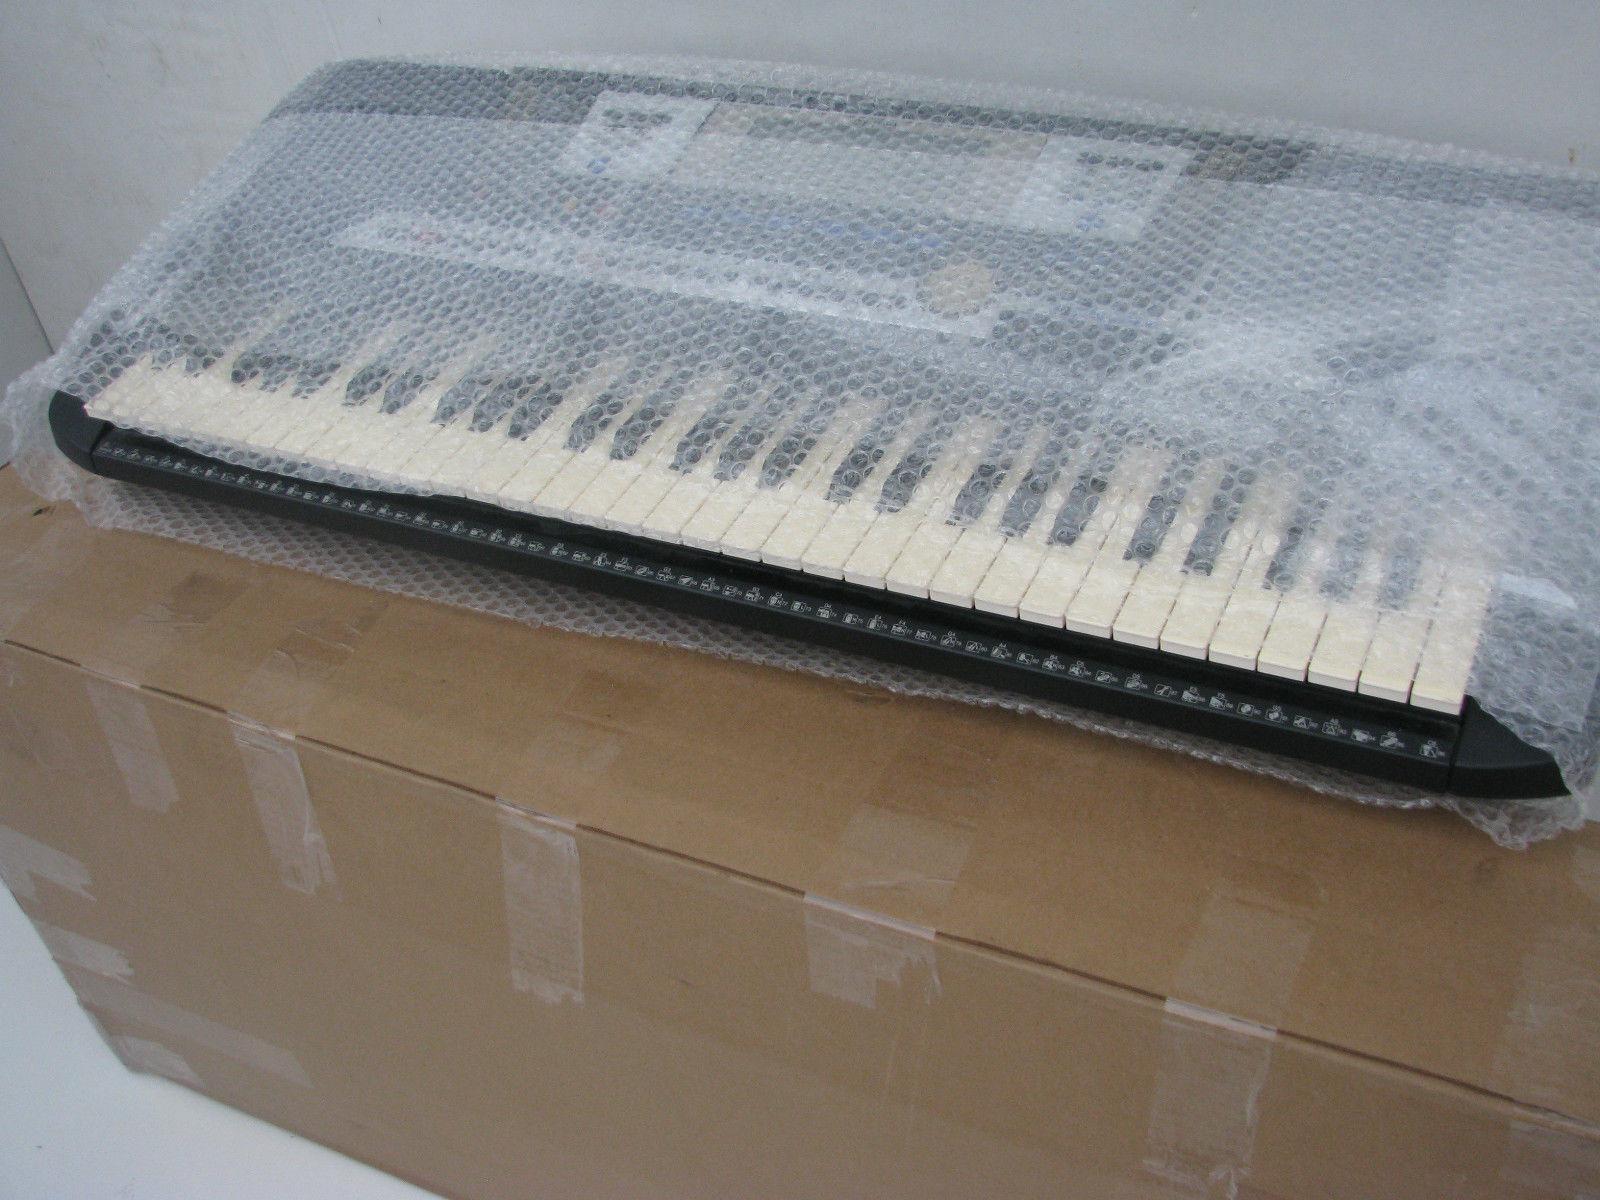 [Sprzedam] Sprzedam instrument klawiszowy YAMAHA PSR 540 (Bardzo dobry stan)